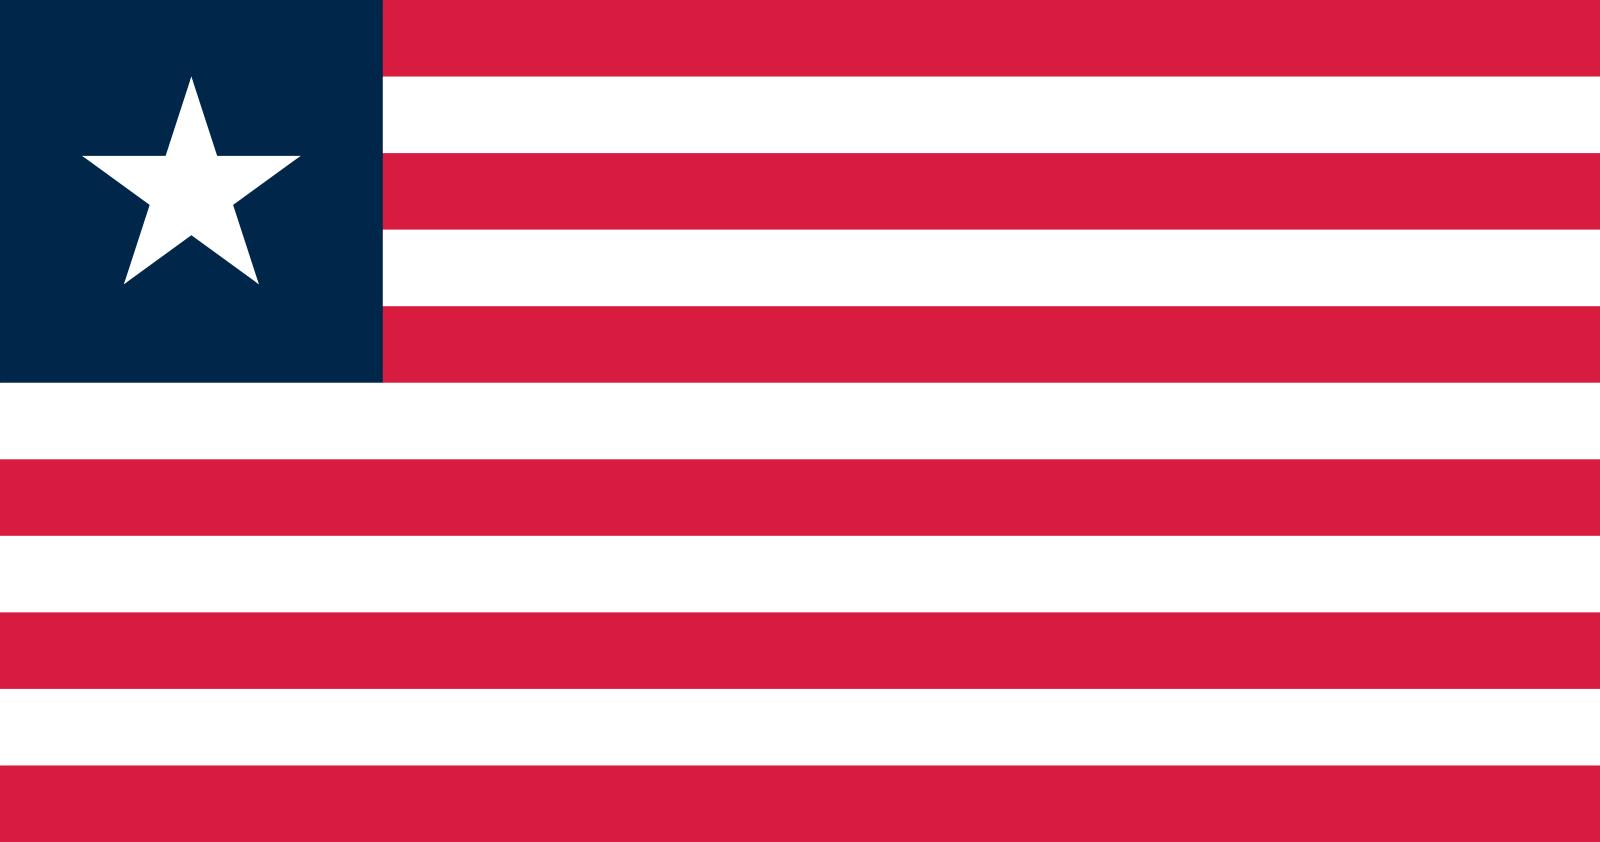 imagenes de banderas hd141 200 Imágenes de Banderas en HD (Wallpapers)